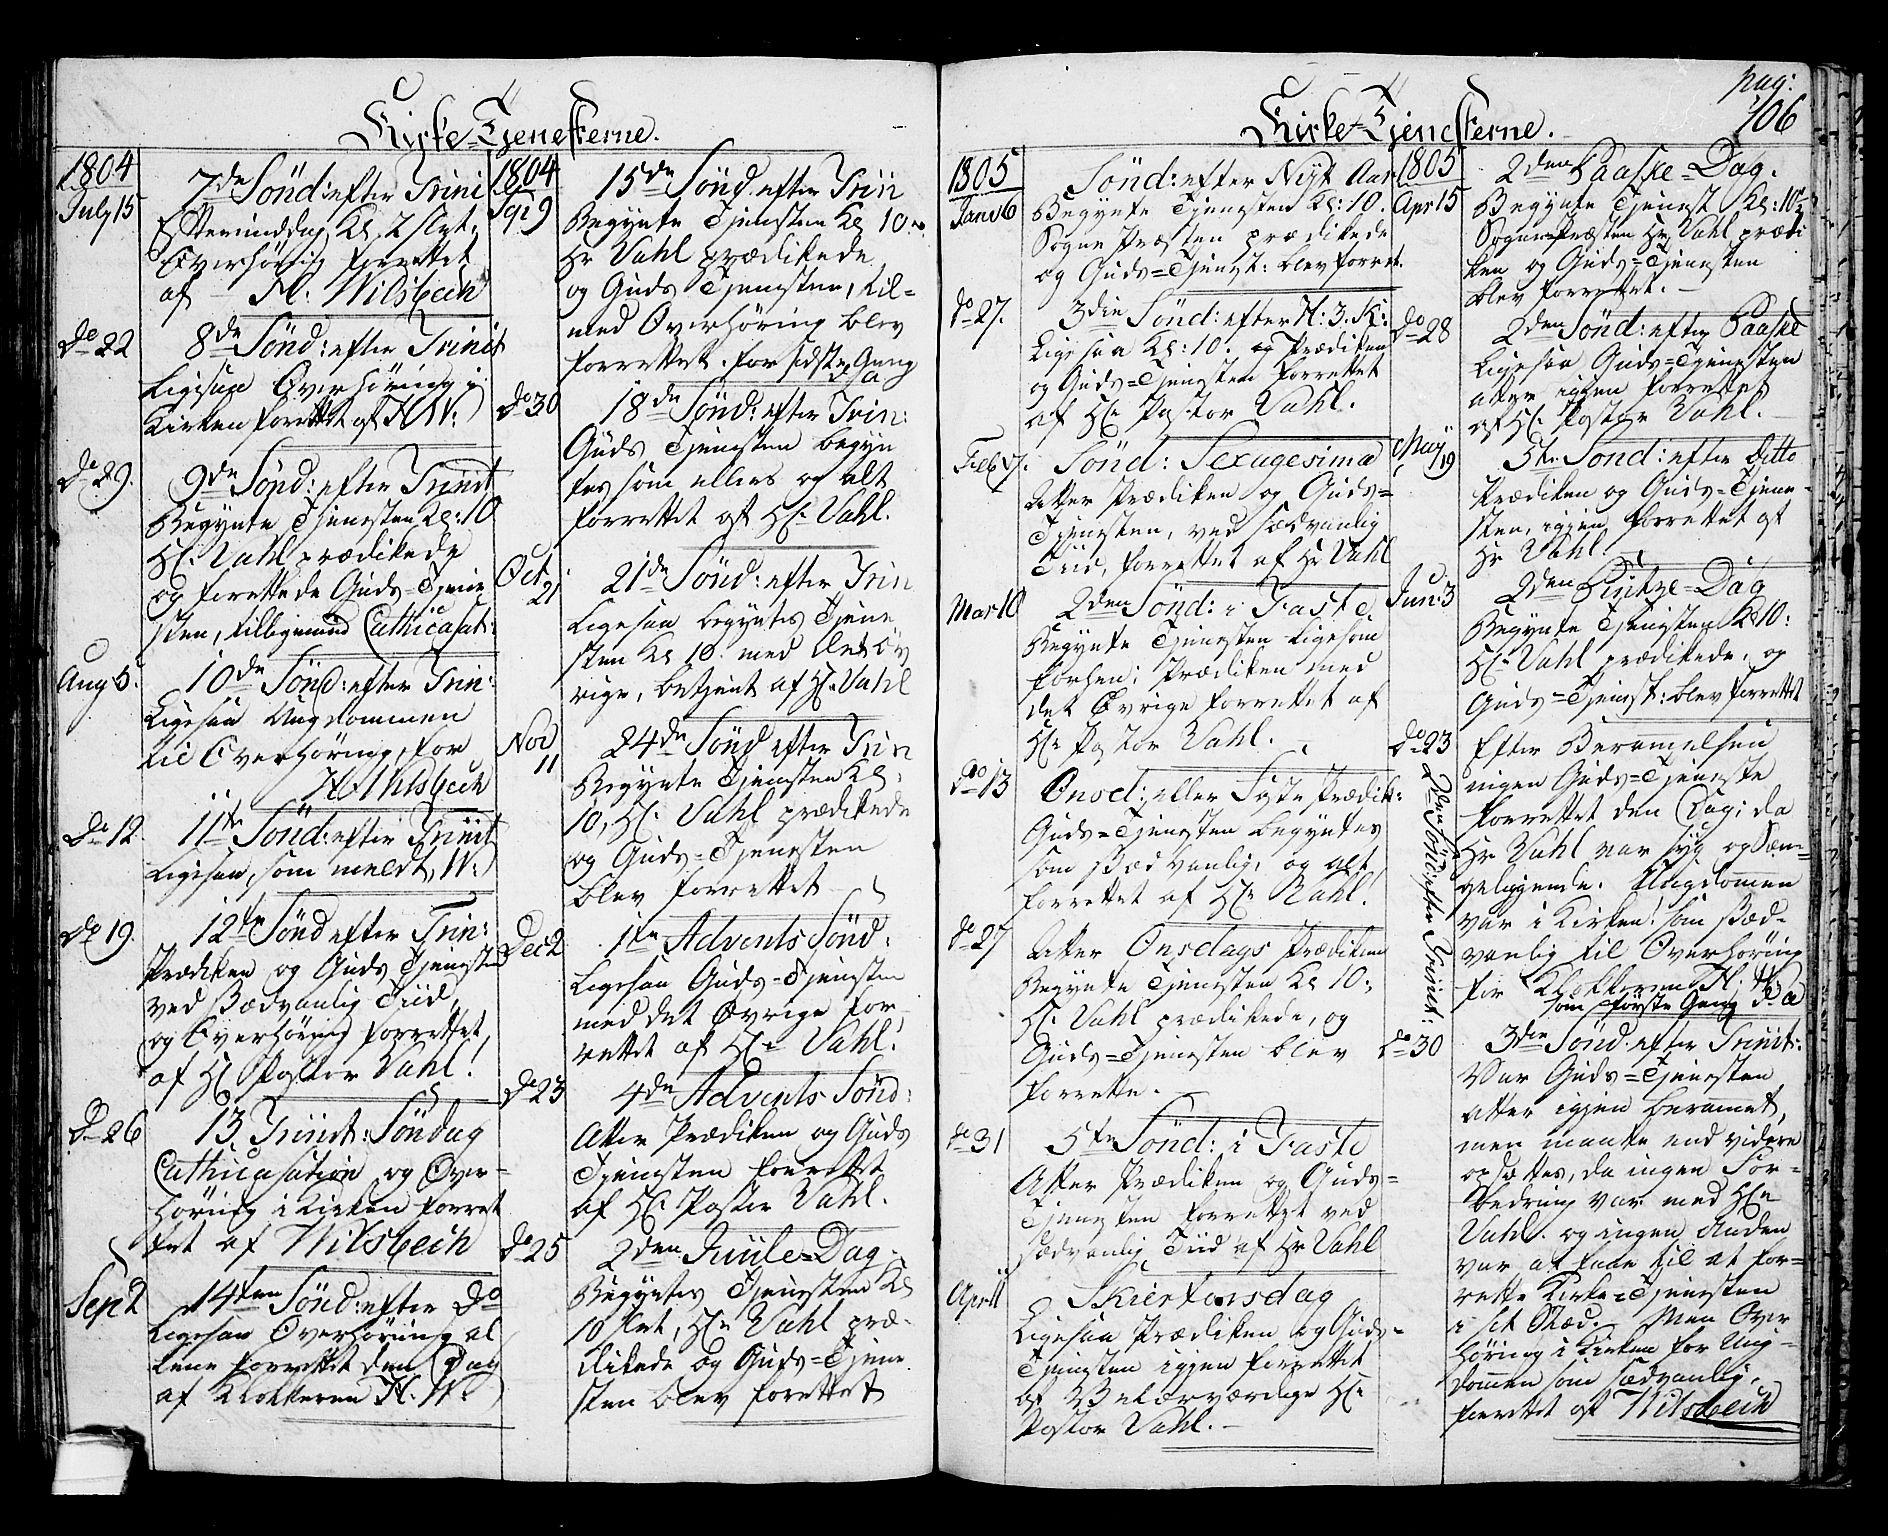 SAKO, Langesund kirkebøker, G/Ga/L0002: Klokkerbok nr. 2, 1801-1815, s. 106